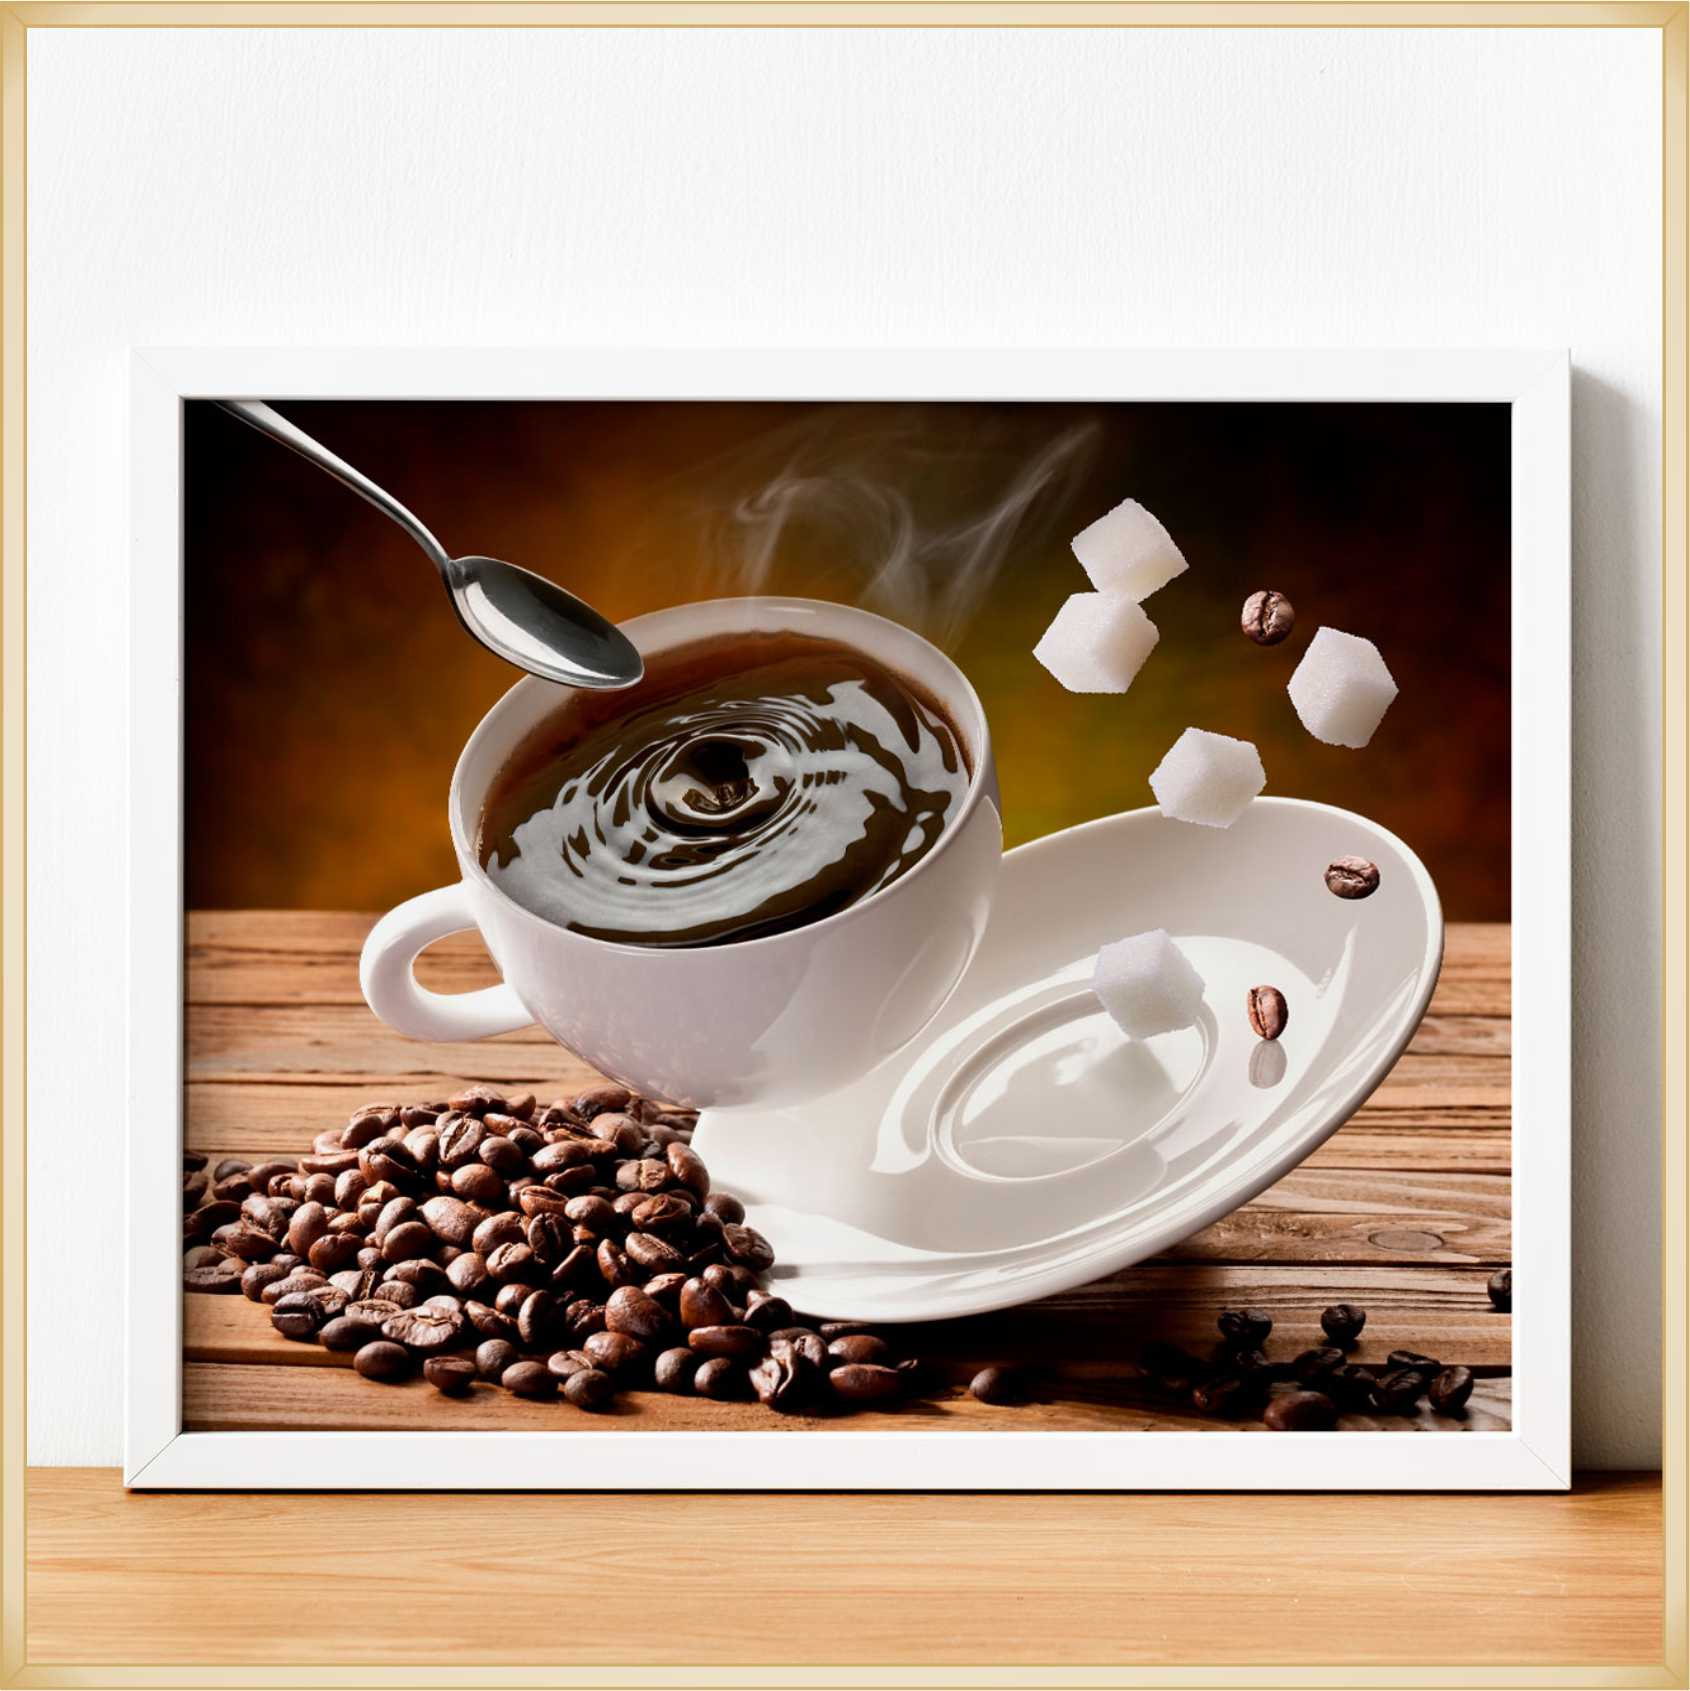 Quadro decorativo Placa personalizada Modelos Café – Ótima qualidade, não risca, não desbota, acabamento perfeito, fixação com dupla face, Mdf 6 mm